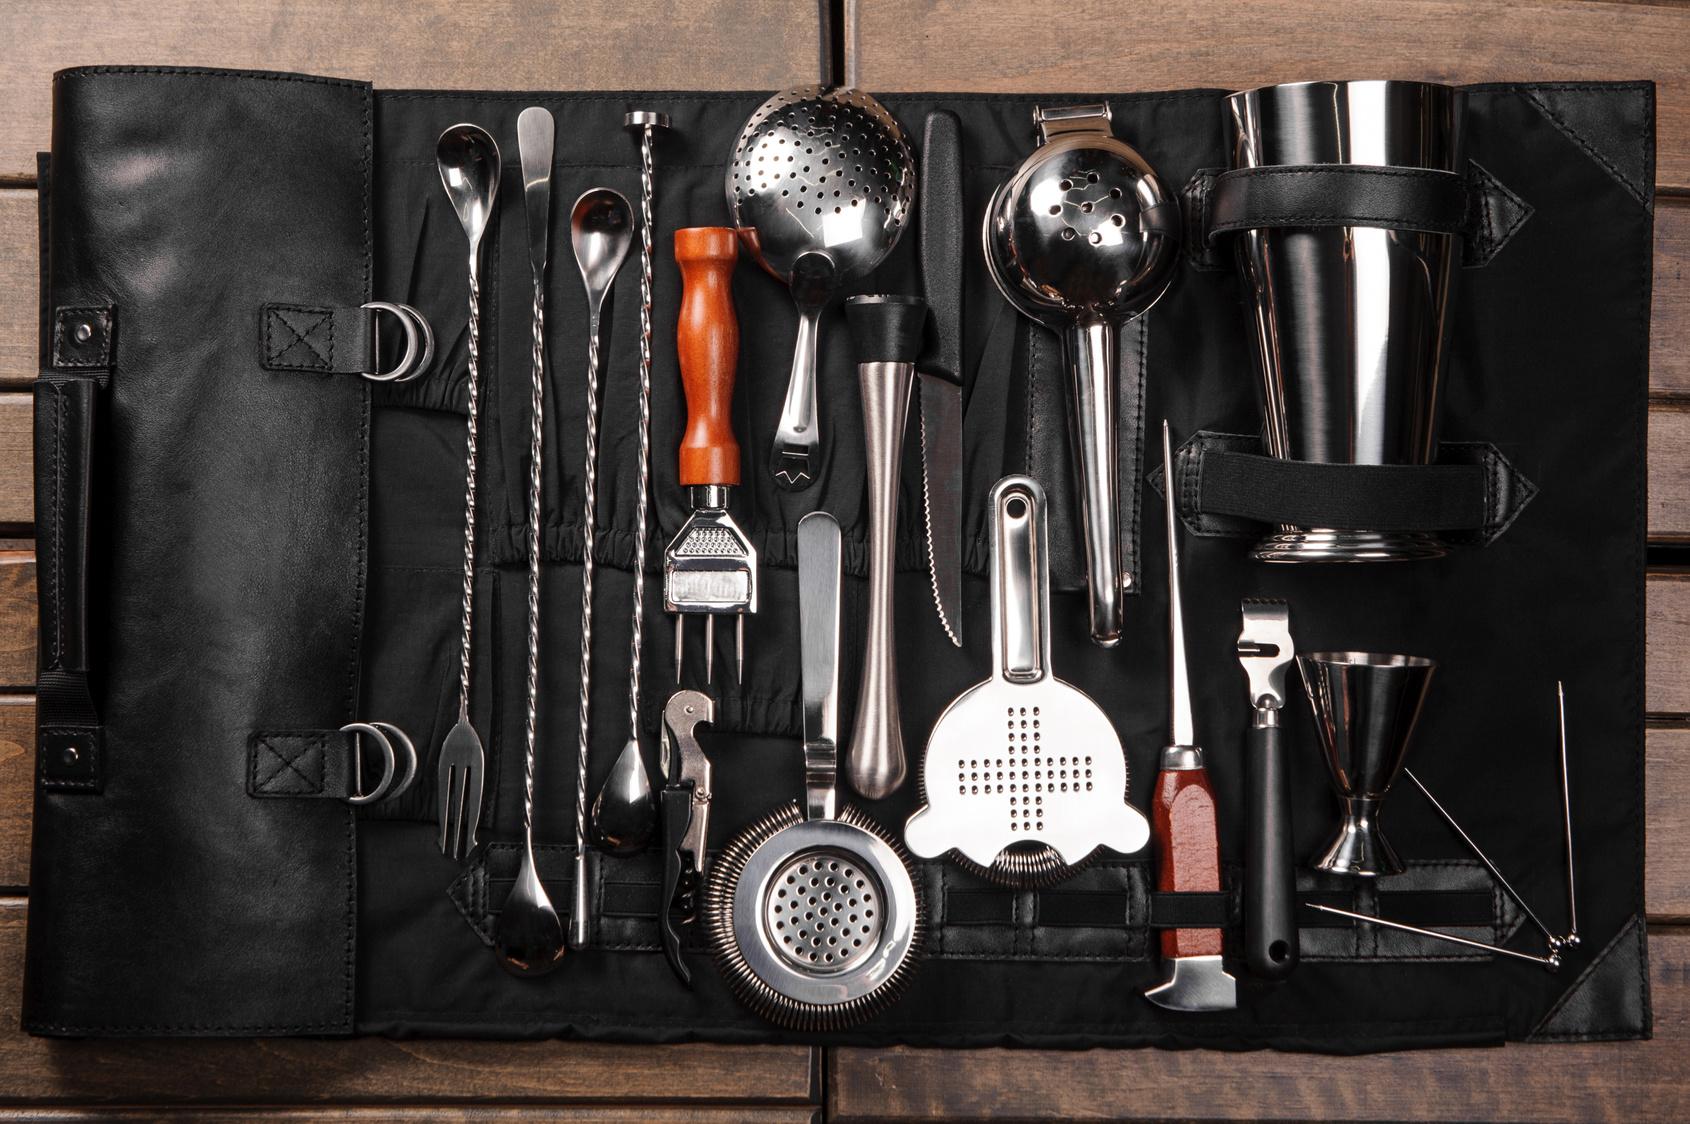 Ohne das richtige Barwerkzeug ist es schwierig, gute Cocktails zu mixen: Shaker, Jigger und Strainer sind das Minimum. Quelle: Fotolia.com © fesenko